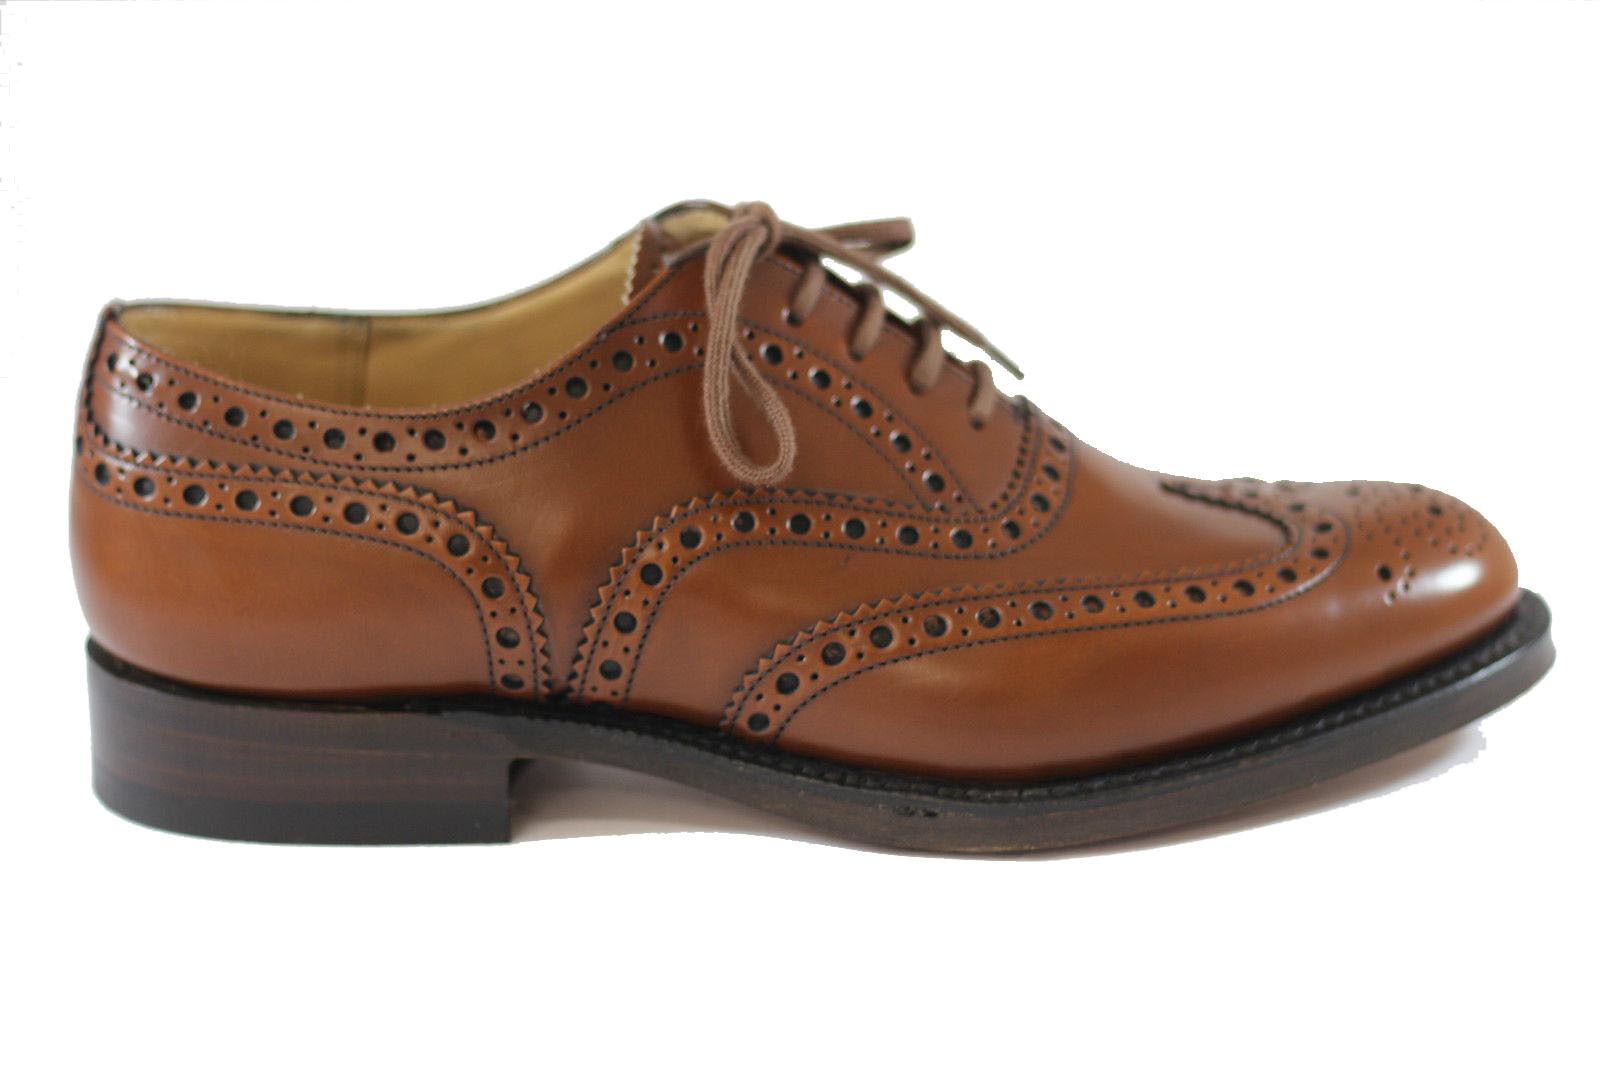 Los zapatos más populares para hombres y mujeres CHURCH'S Burwood 81 Sandalwood Polished Aglutinante brogue con cordones piel